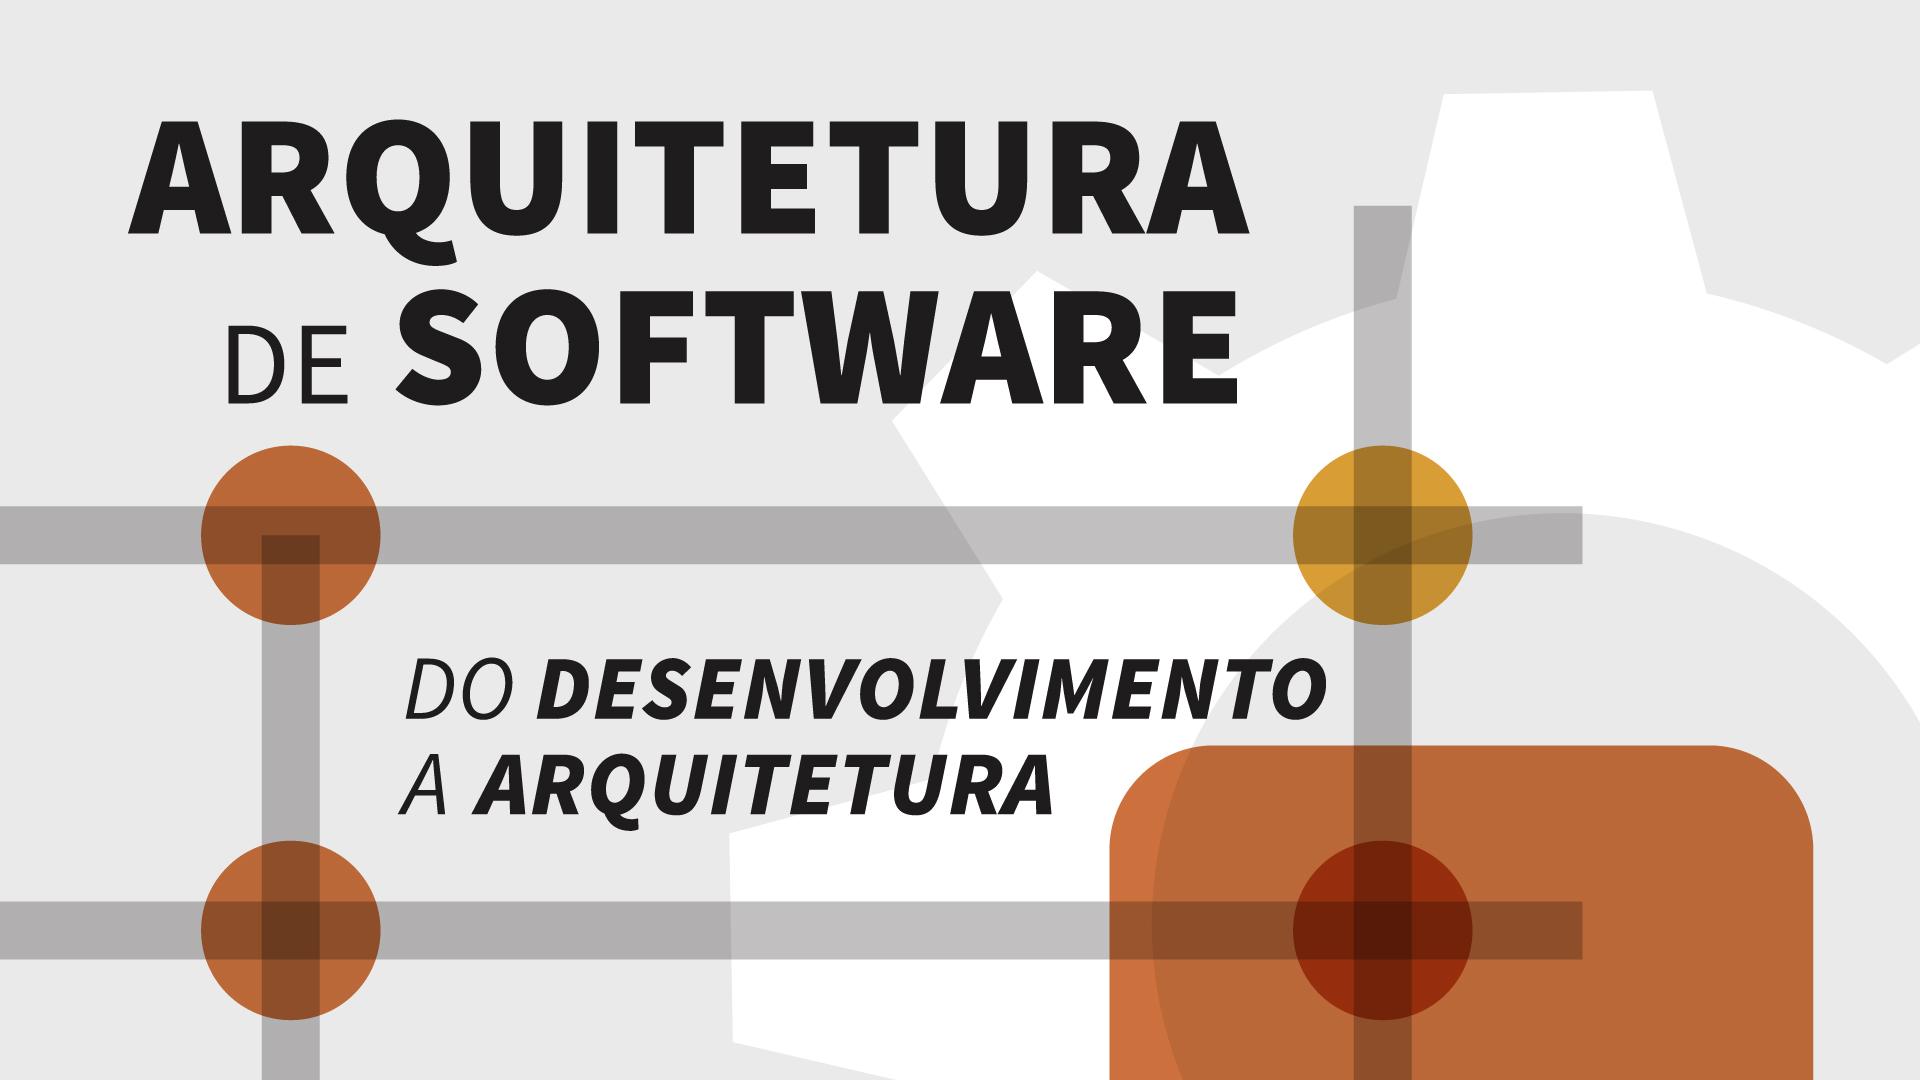 Arquitetura de Software: Transição do Desenvolvimento para a Arquitetura